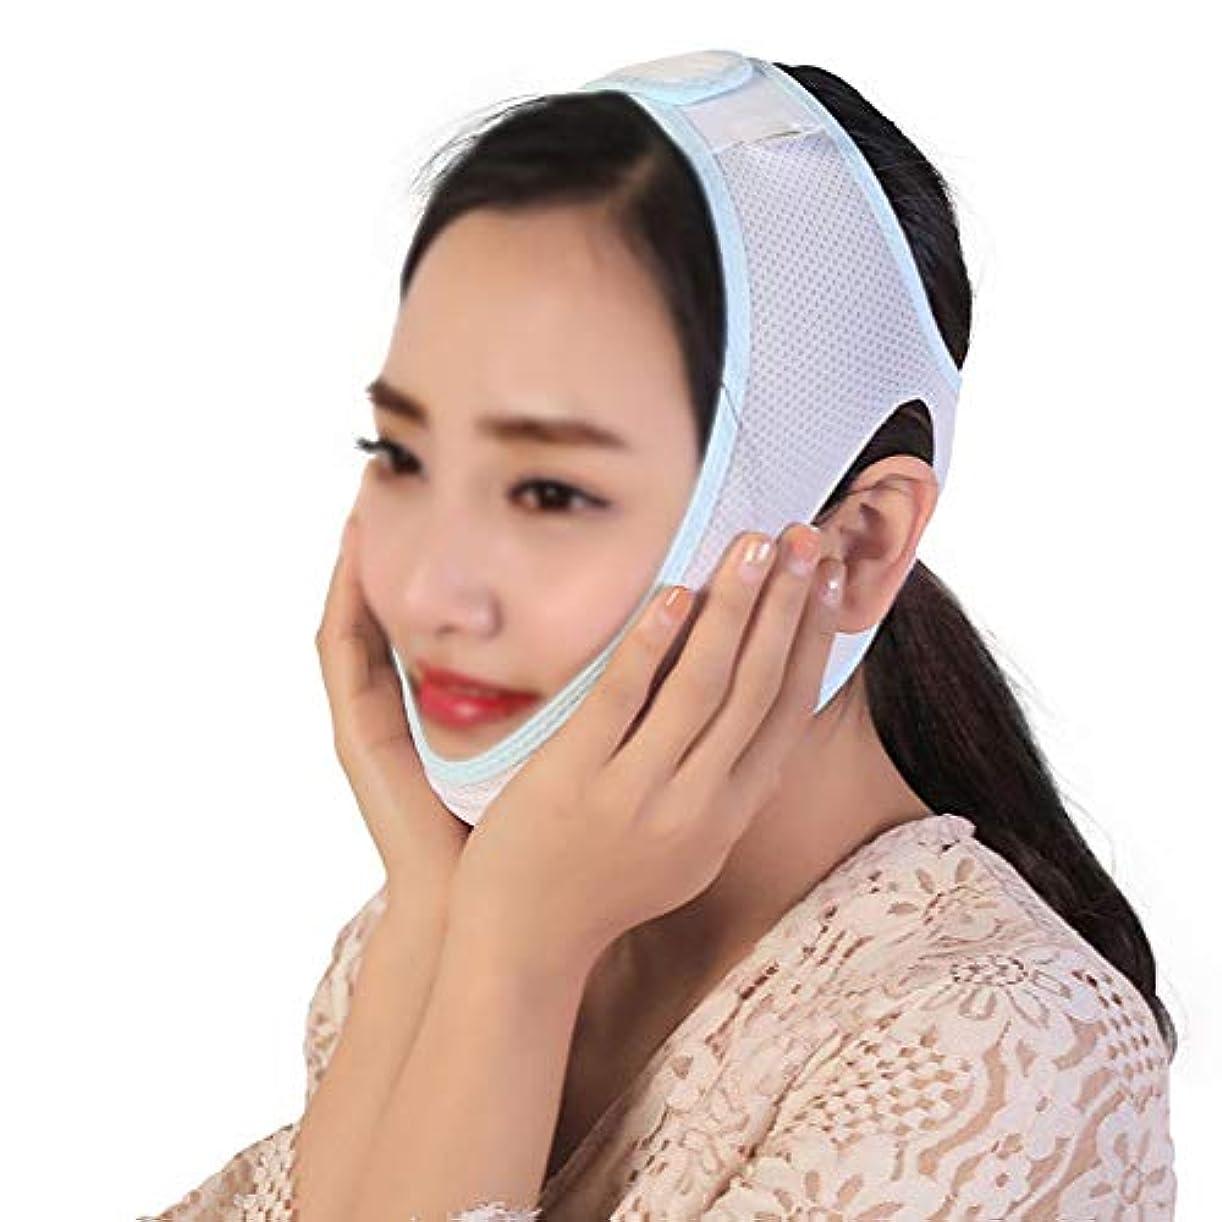 体現する不快周囲TLMY ファーミングマスクスモールVフェイスアーティファクトリフティングサーフェスプラスチックマスクコンフォートアップグレード最適化改善顔面カーブ包括的な通気性包帯 顔用整形マスク (Size : M)